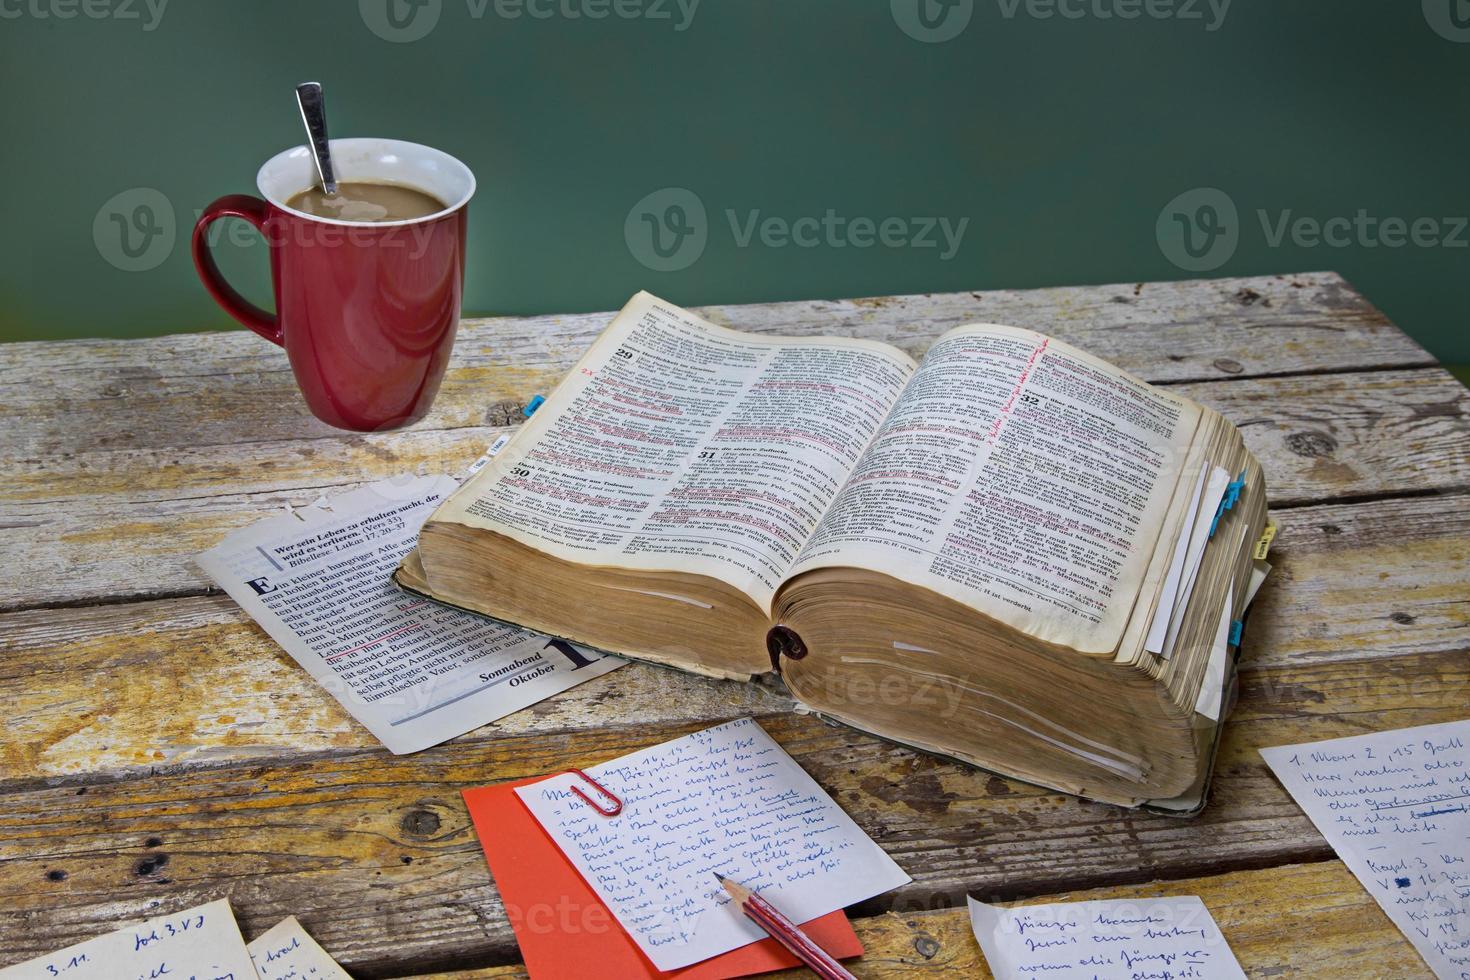 estudo diário da bíblia foto